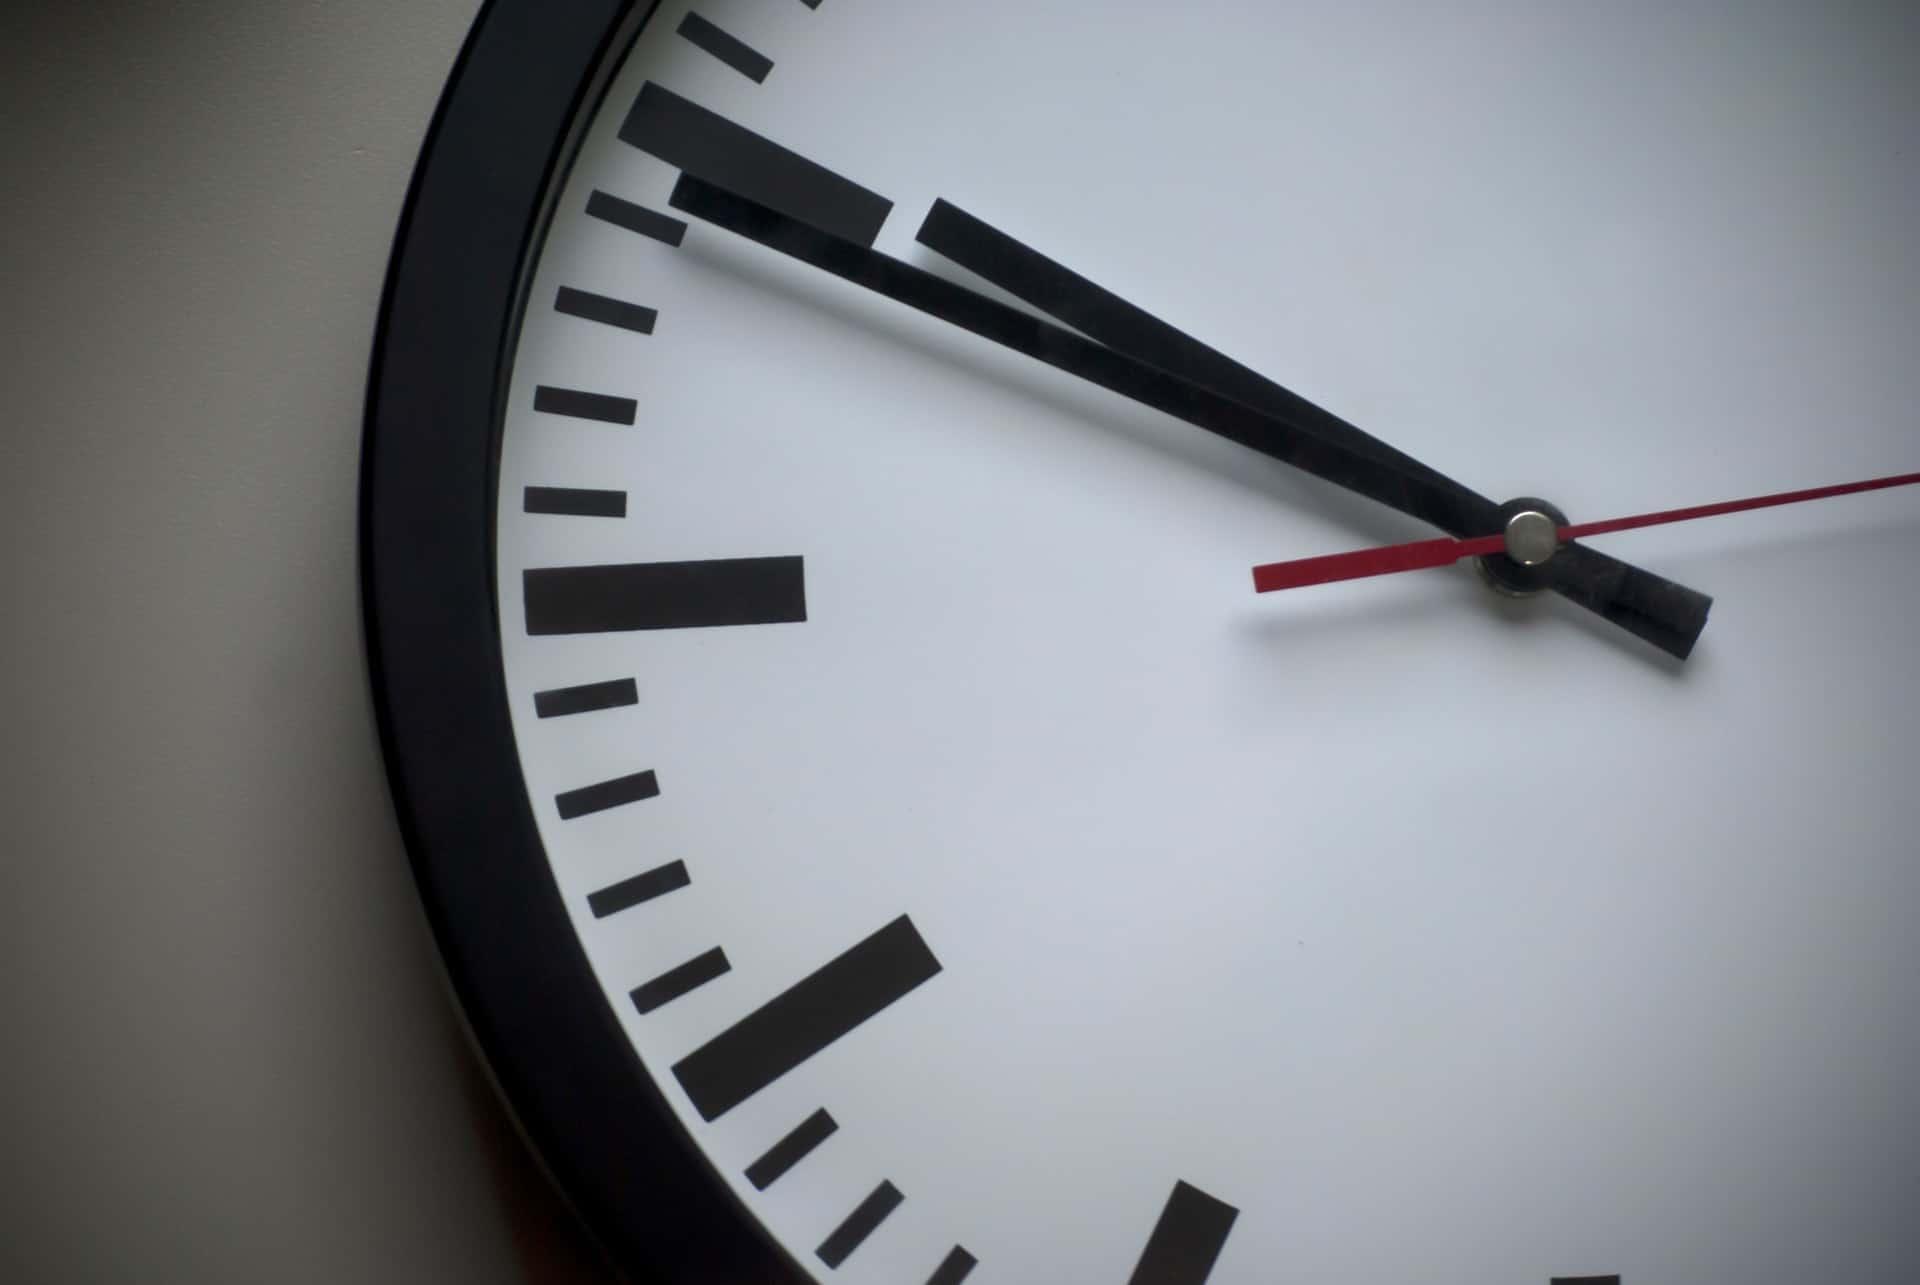 Horlogue